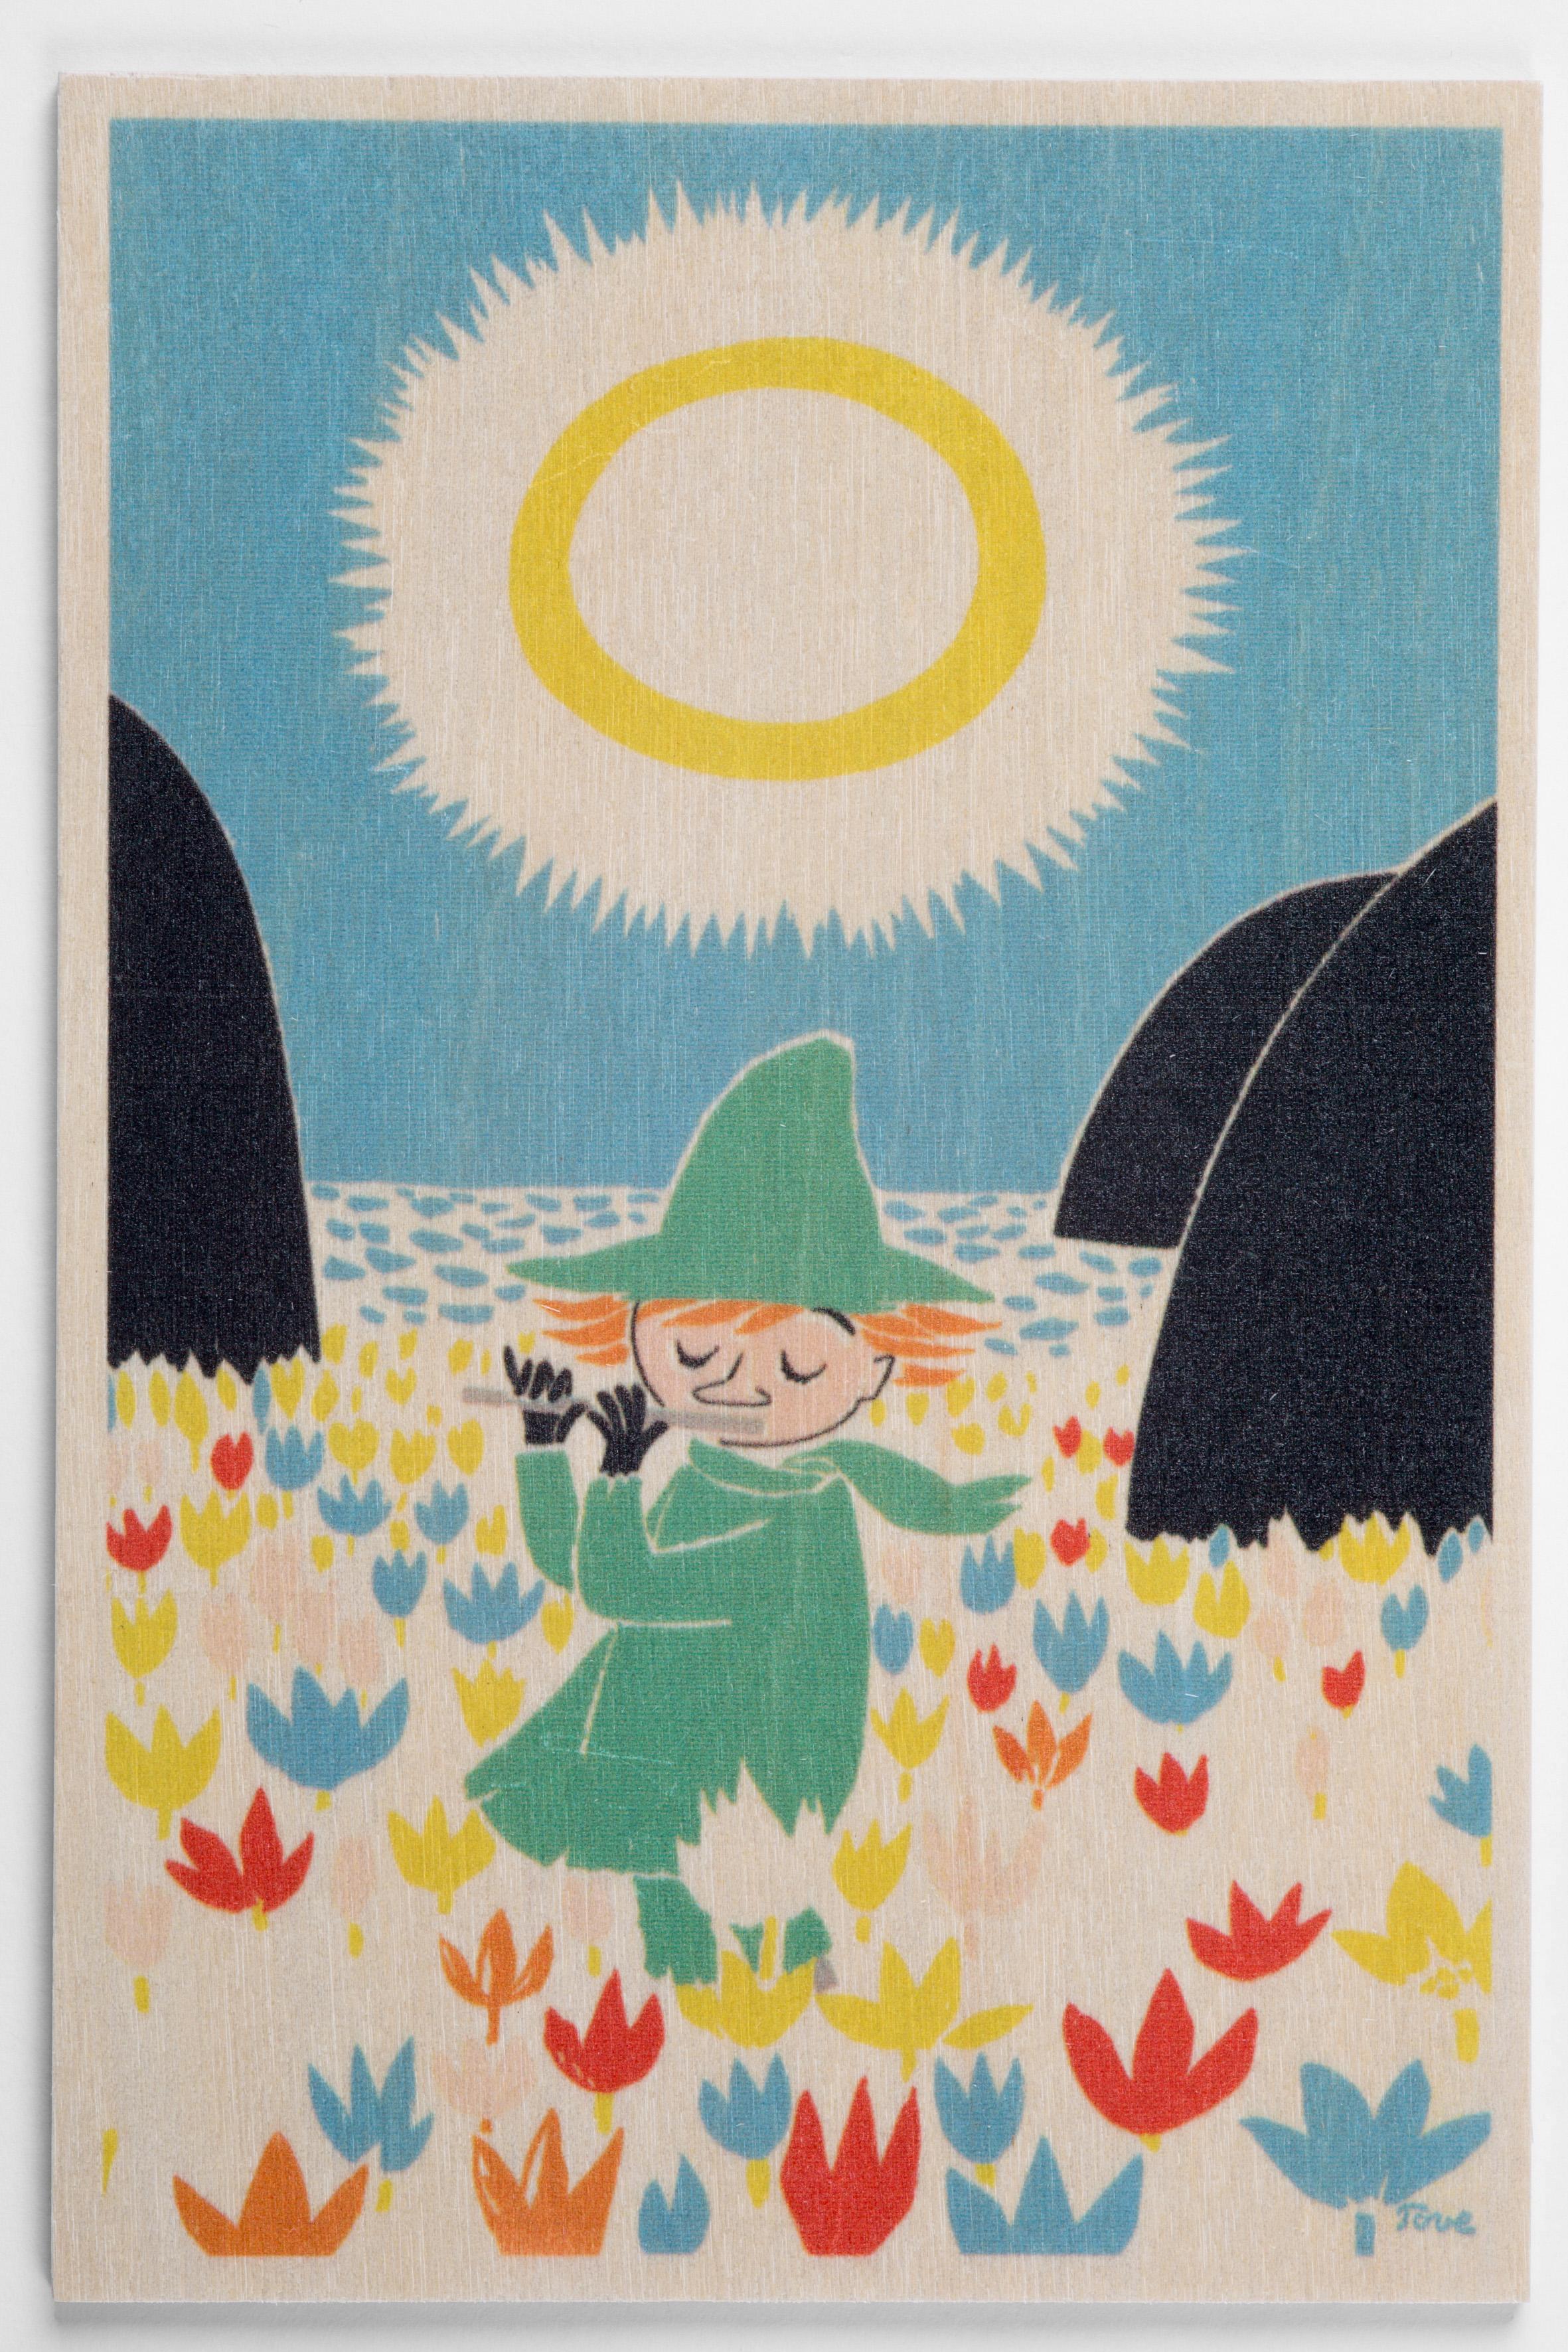 白樺ポストカード 10x15cm ムーミン 「スナフキンと横笛」